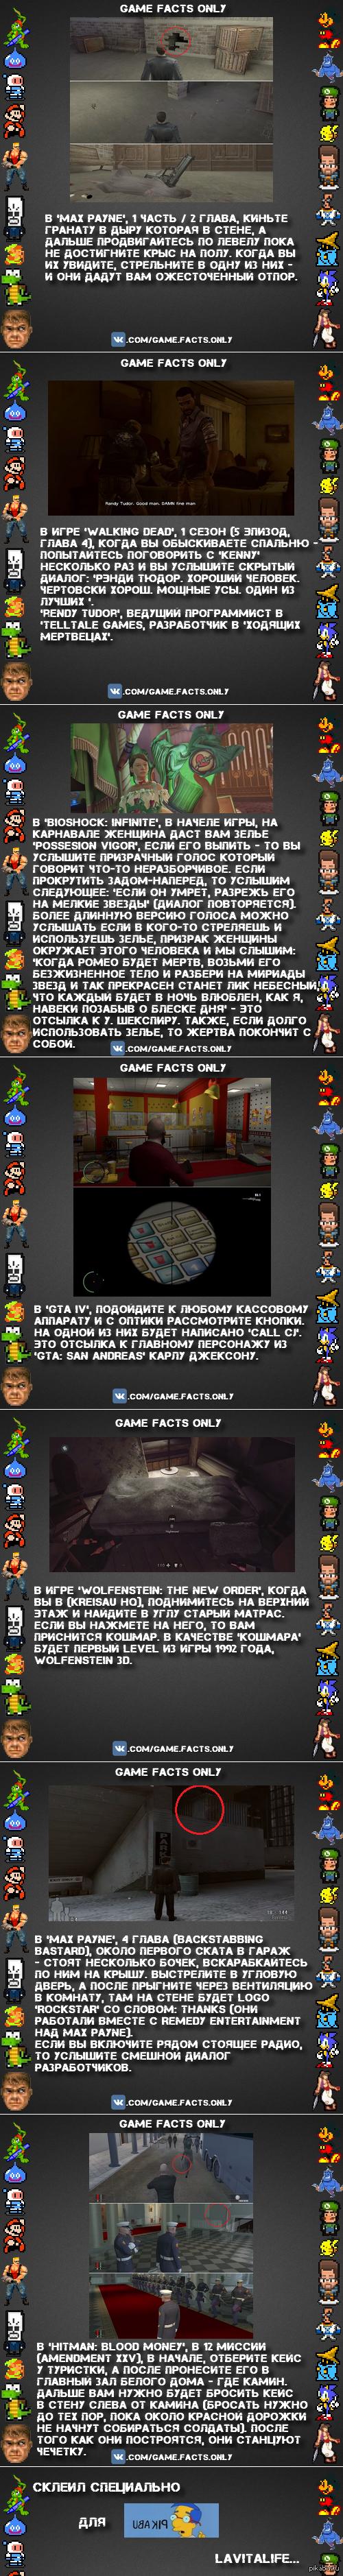 Факты из Игр (часть XV) Однако очередное пополнение: Факты, Пасхалки, Баги.... и + специально для тех, у кого болели глаза - мы изменили фон и шрифт.  длиннопост, факты из игр, факты, игры, Walking Dead, Bioshok: Infinite, Max Payne, Wolfenstein: New